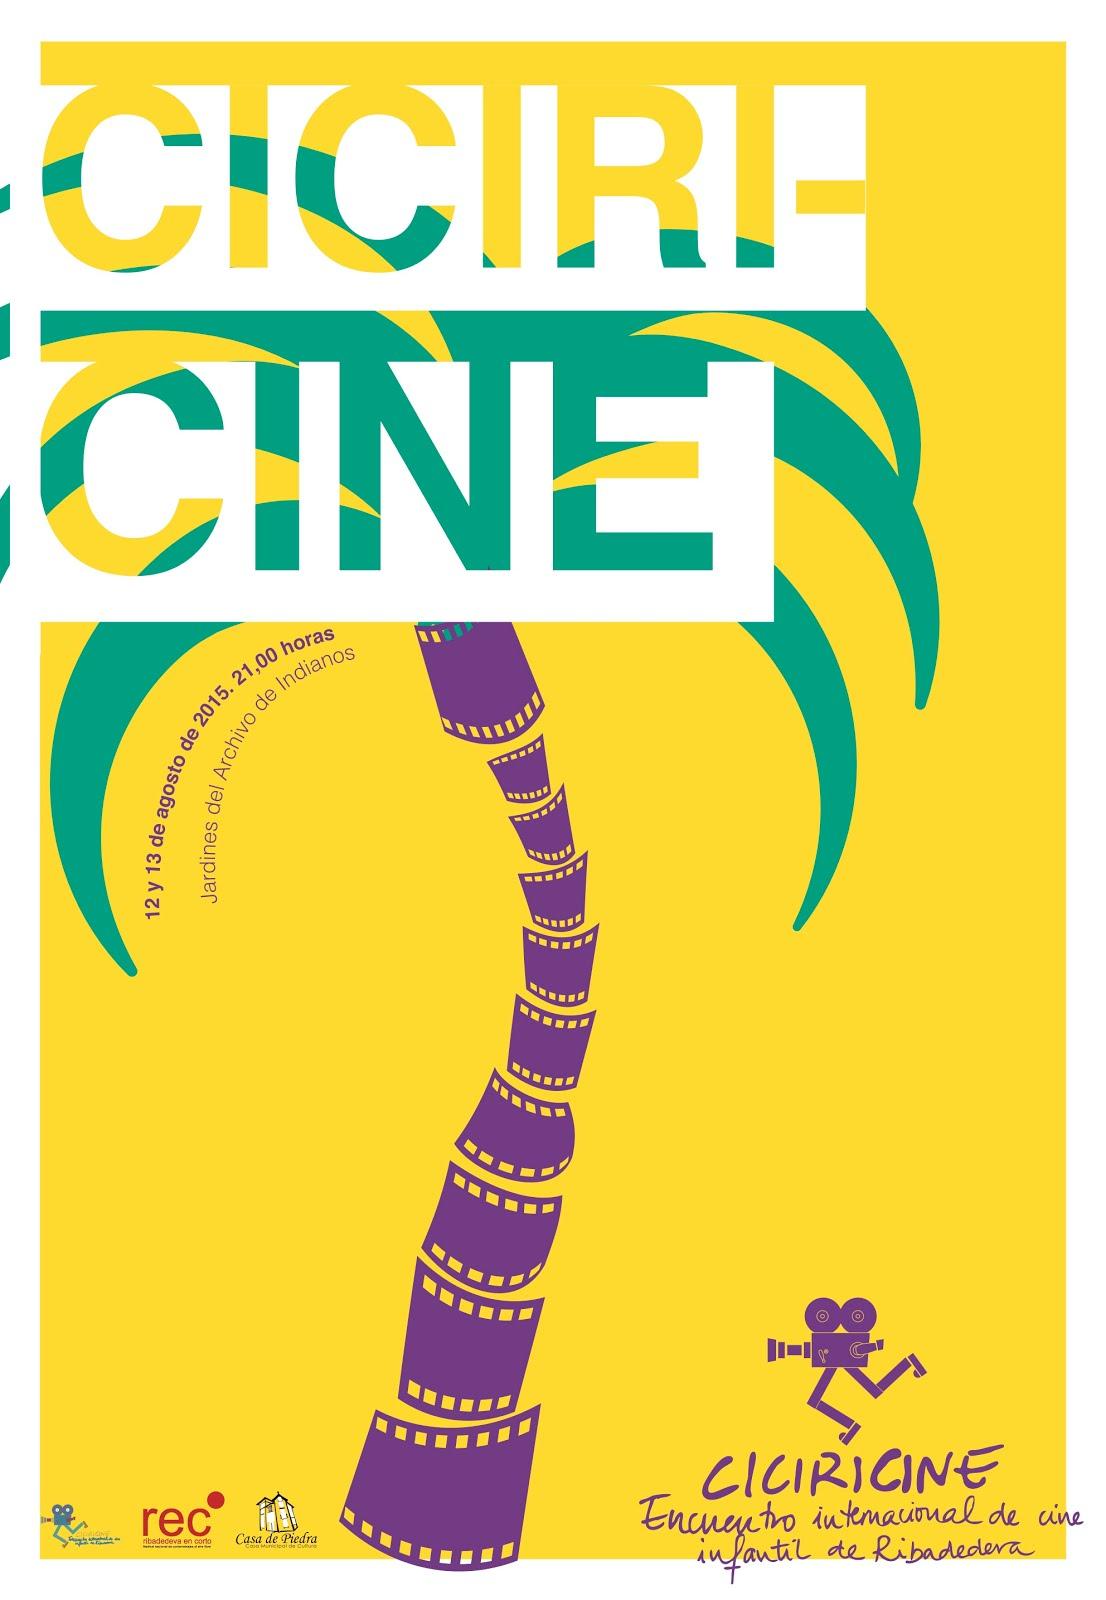 Cartel CICIRICINE 2015